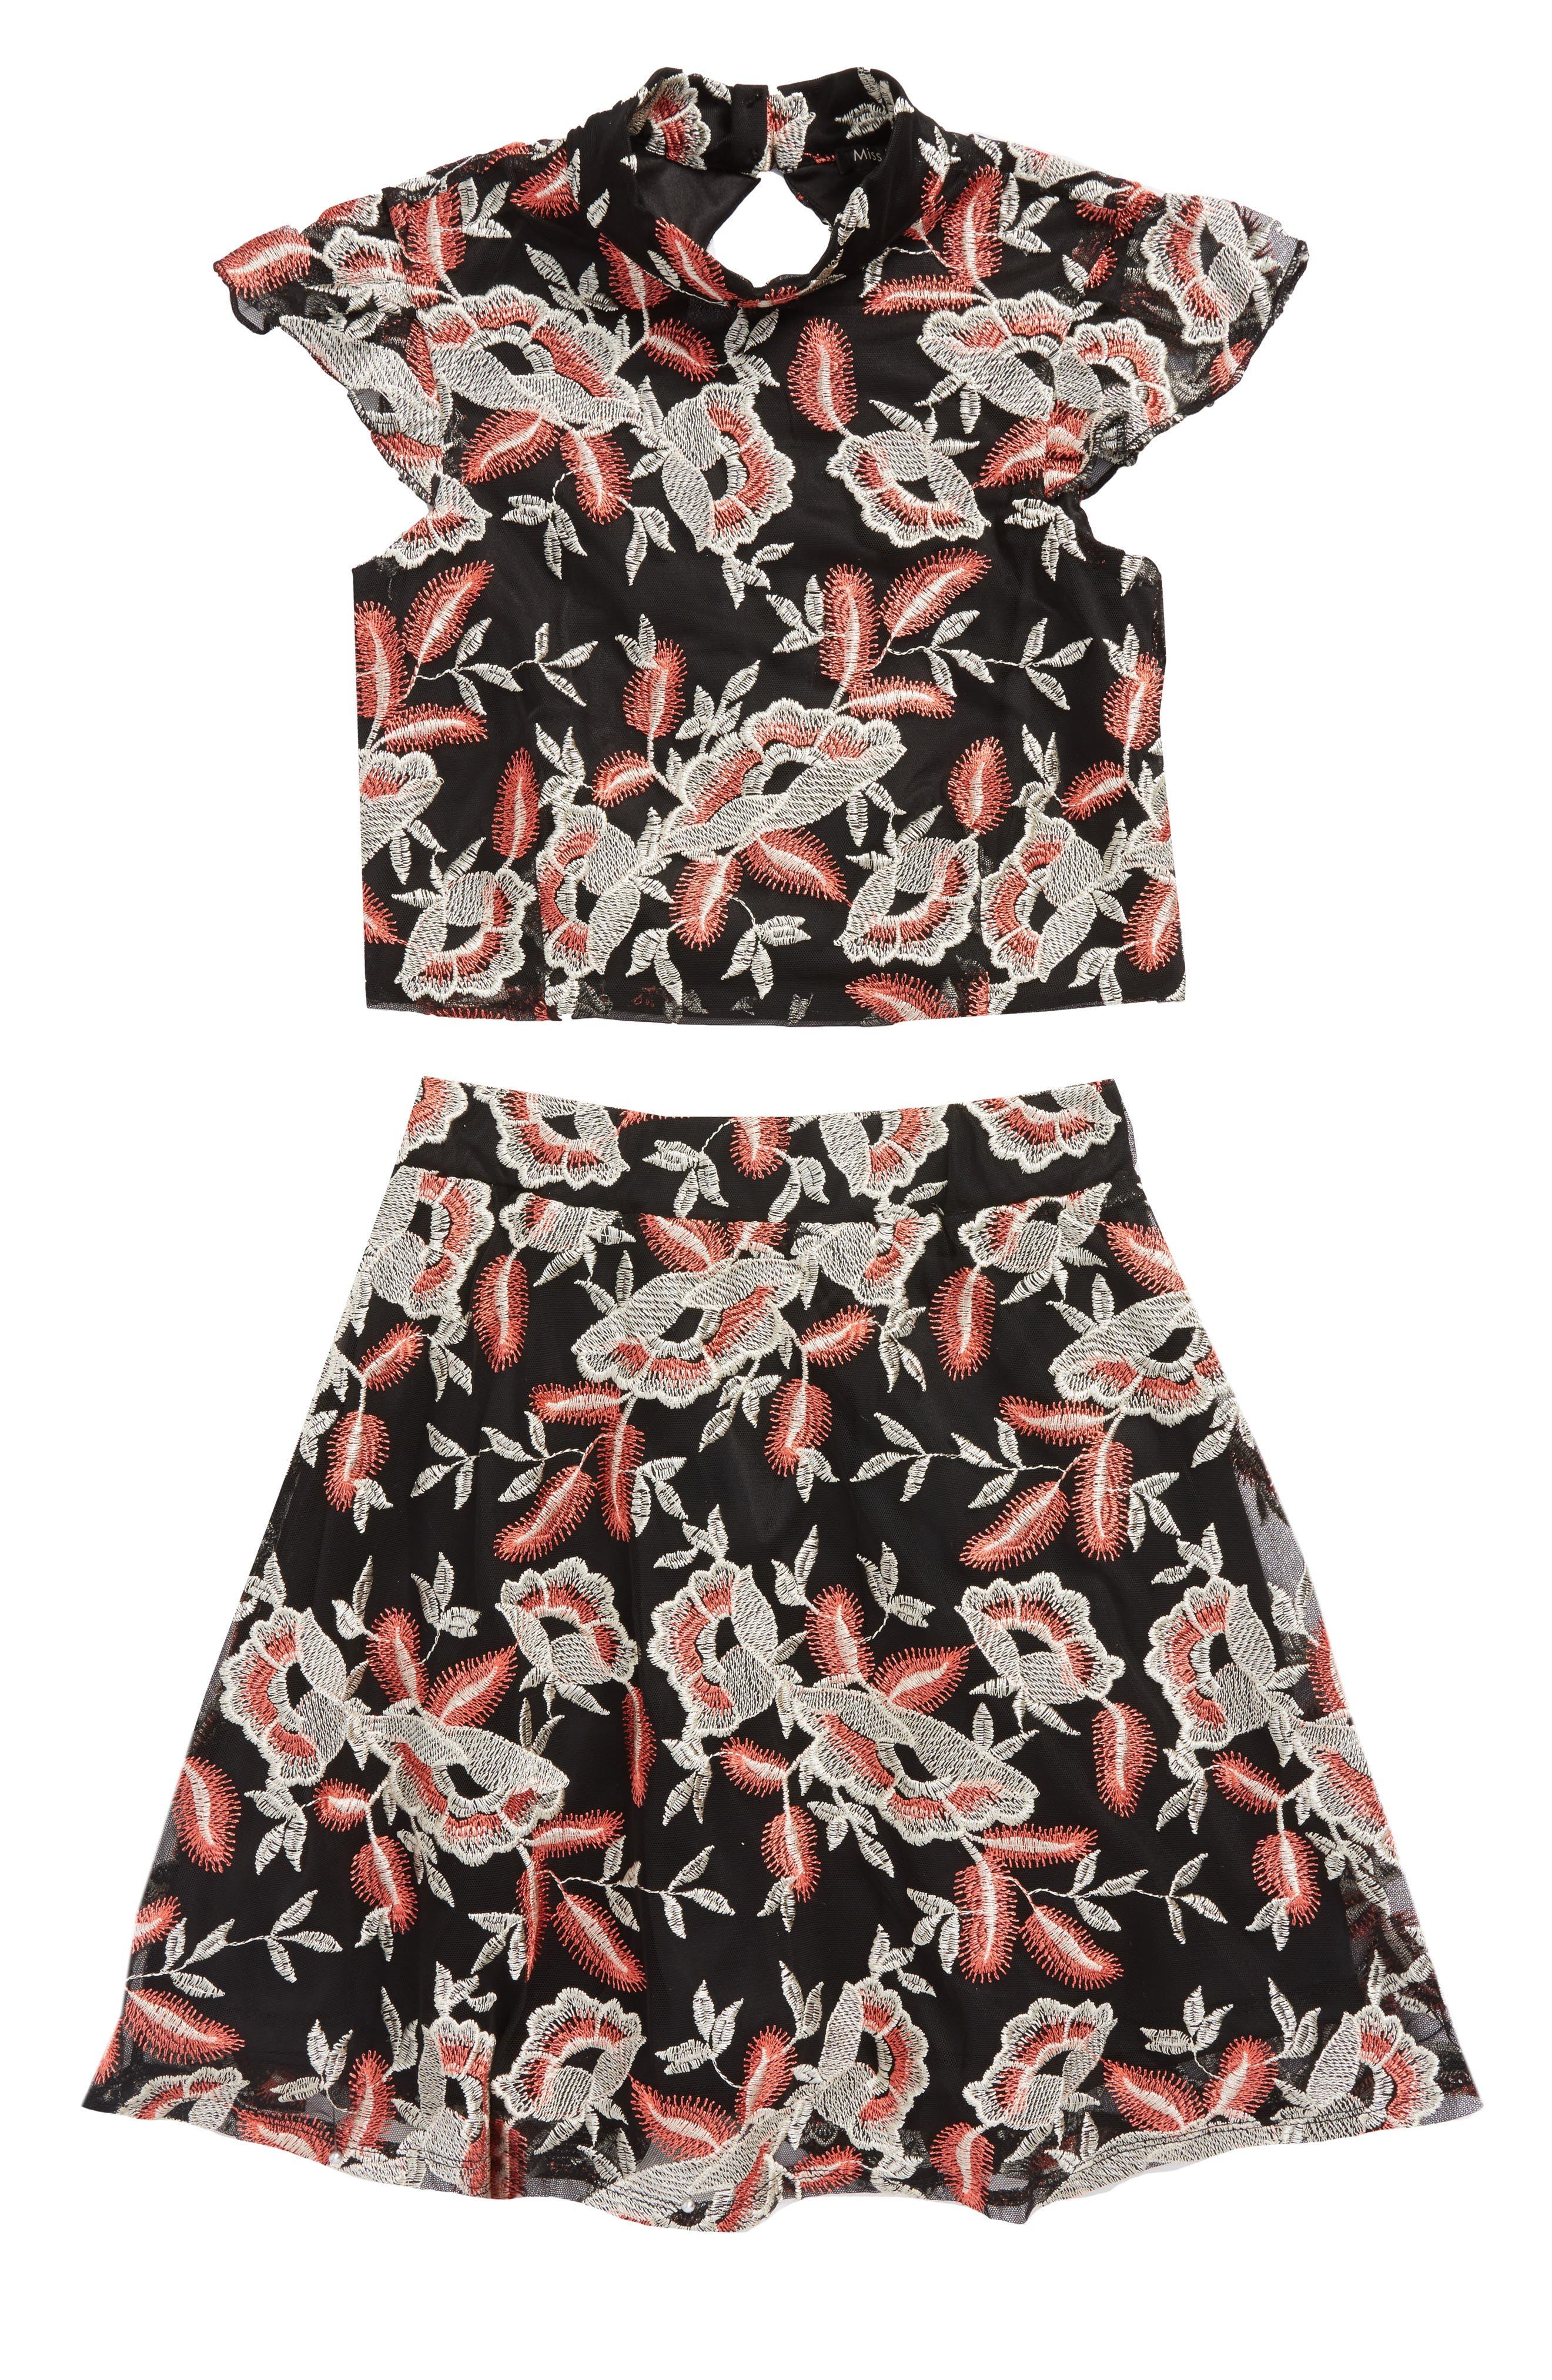 Floral Embroidered Top & Skirt Set,                         Main,                         color, Black